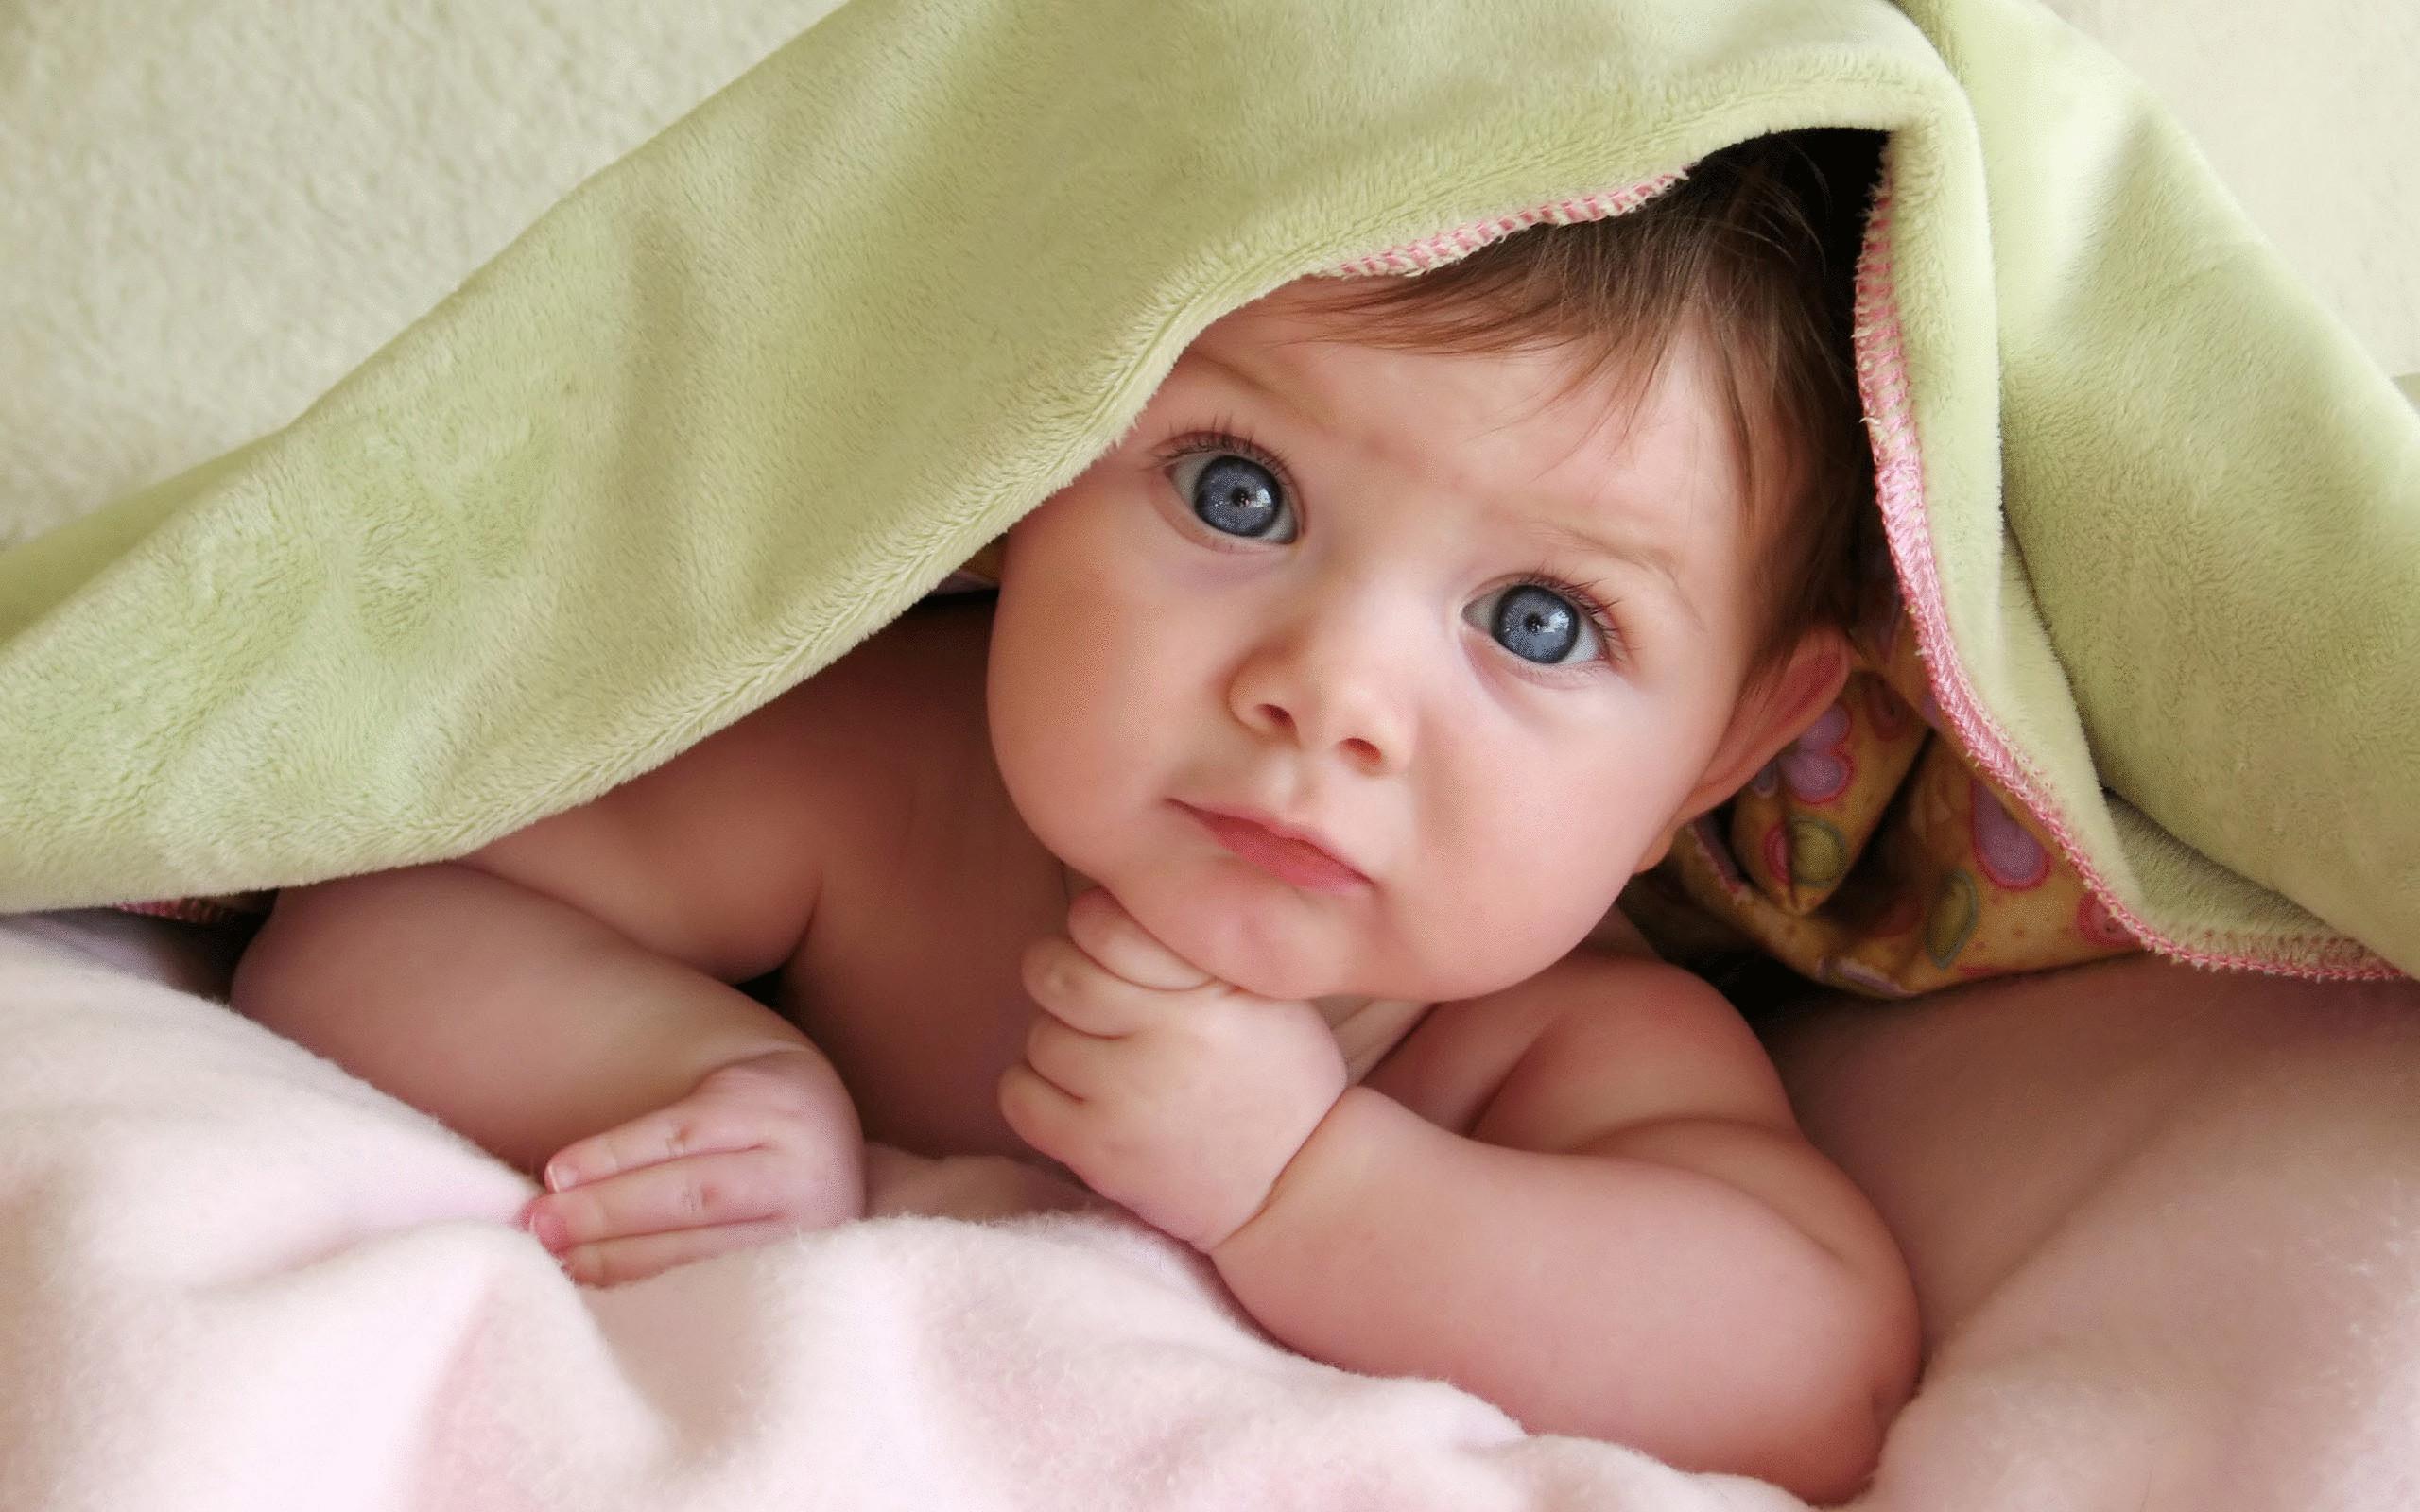 изображение младенца: